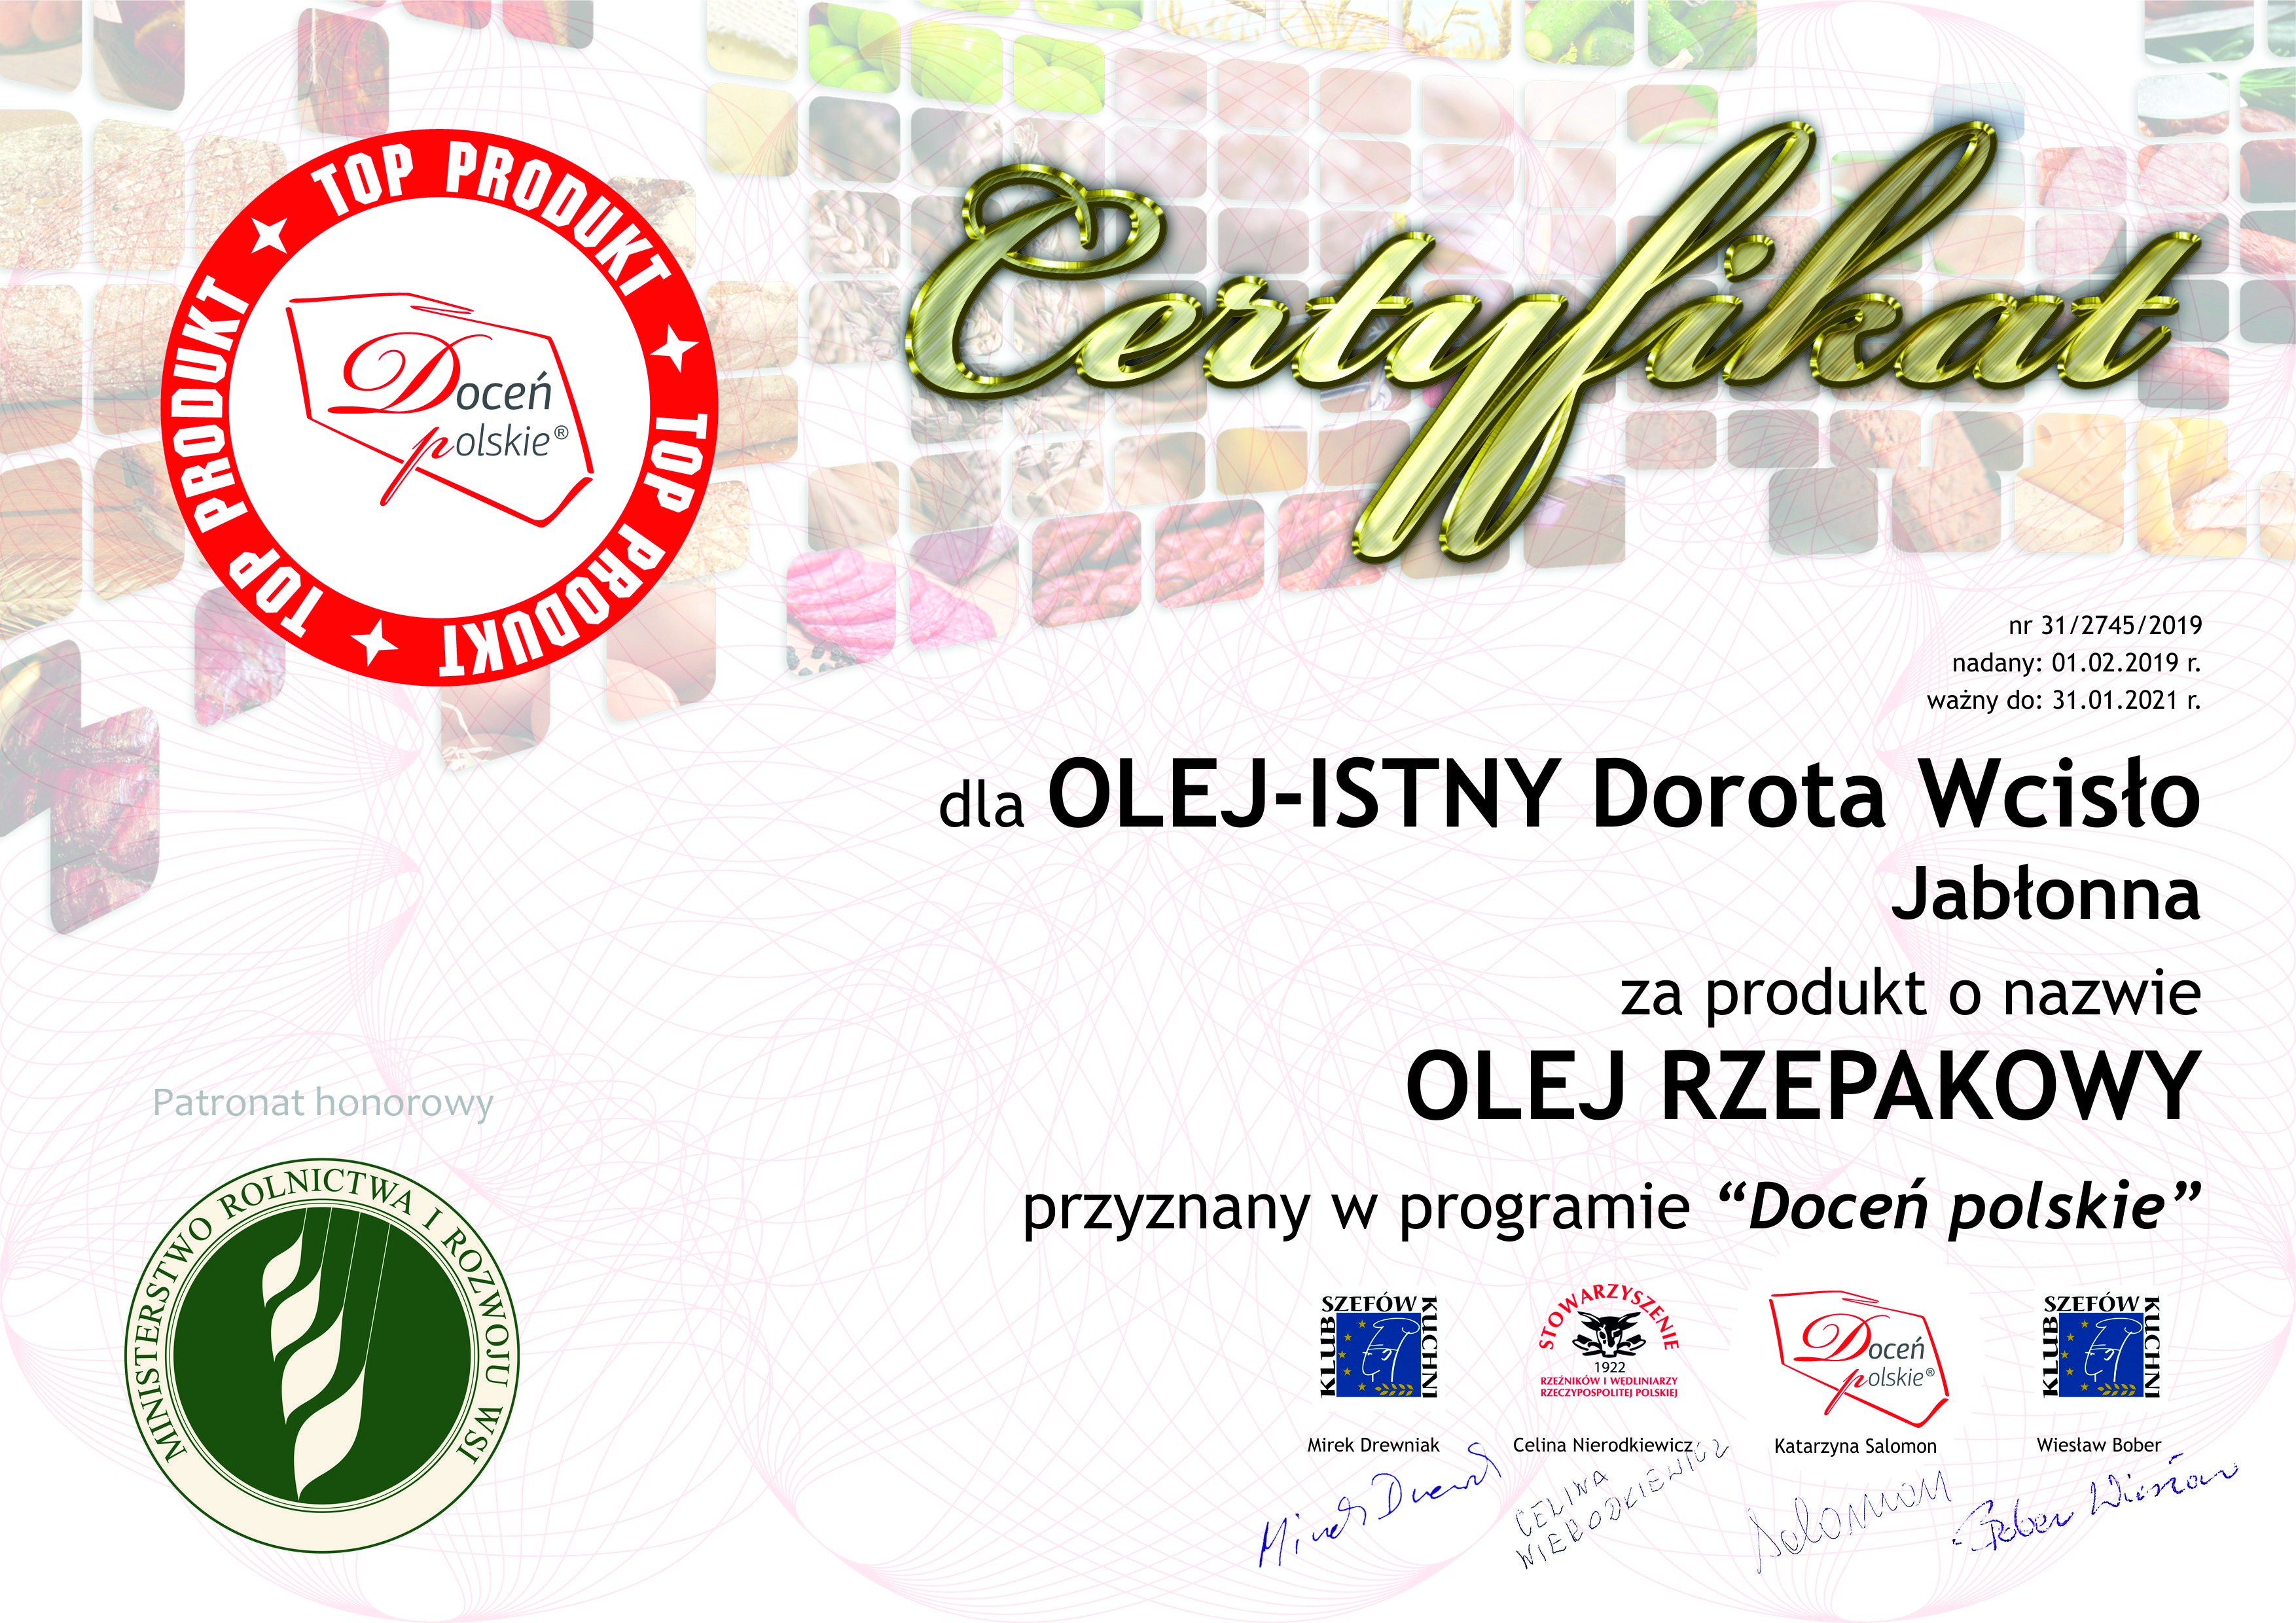 2745_Olej-Istny_olej-rzepakowy(1).jpg